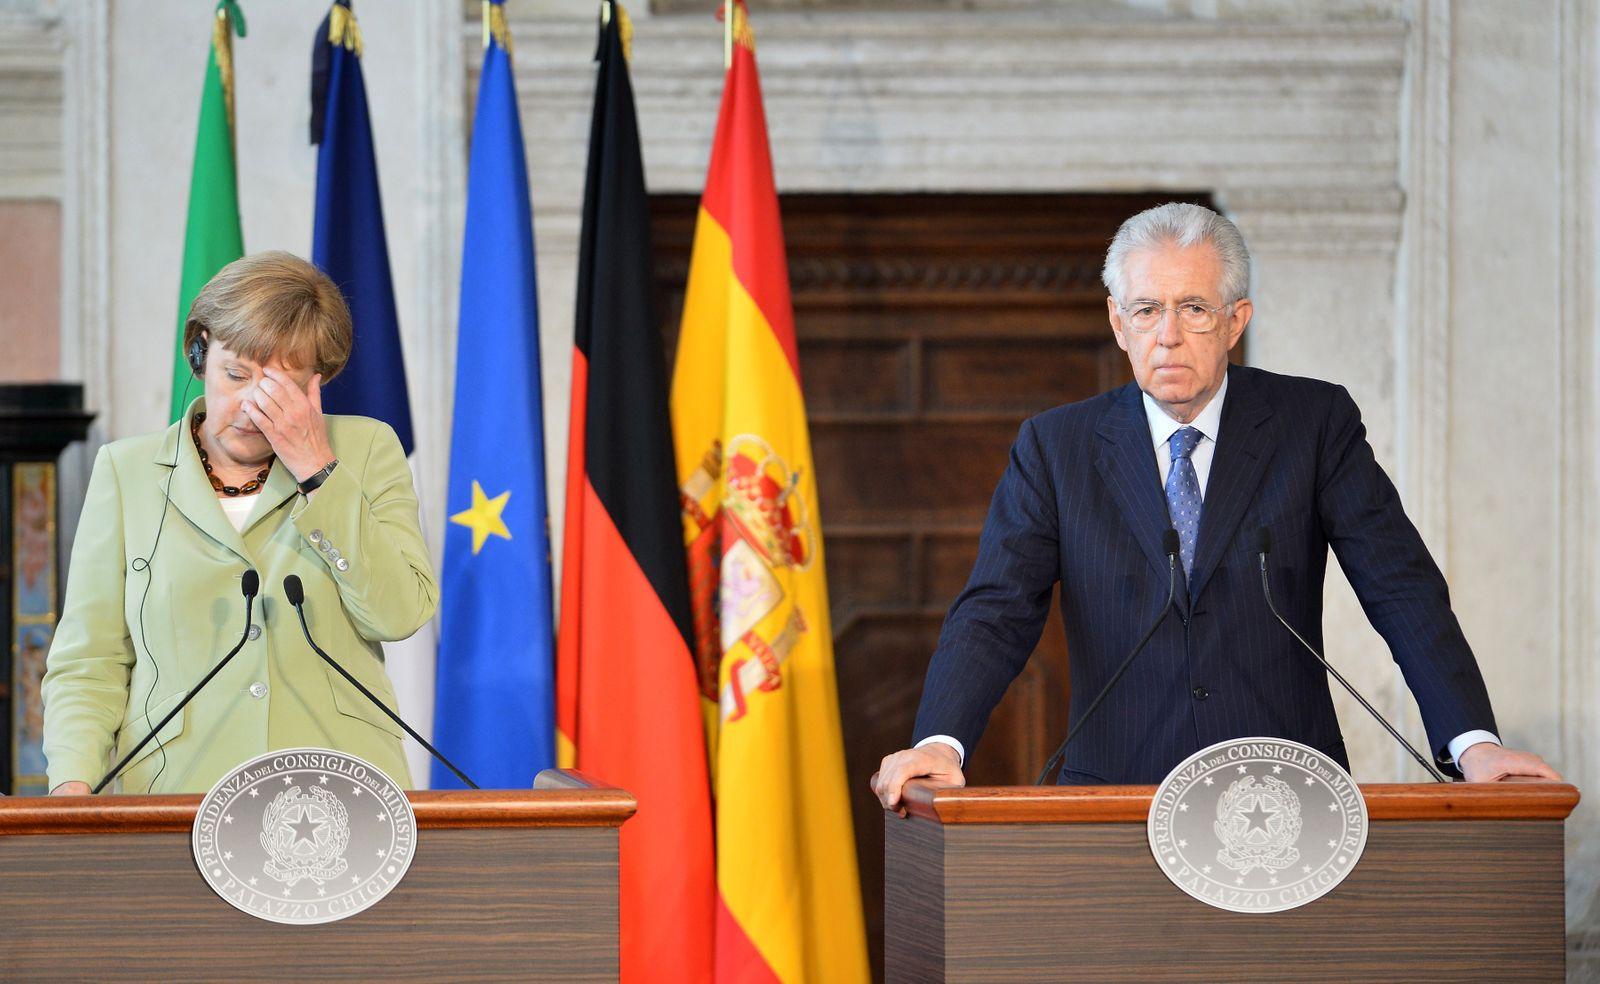 EU-Gipfel Monti / Merkel